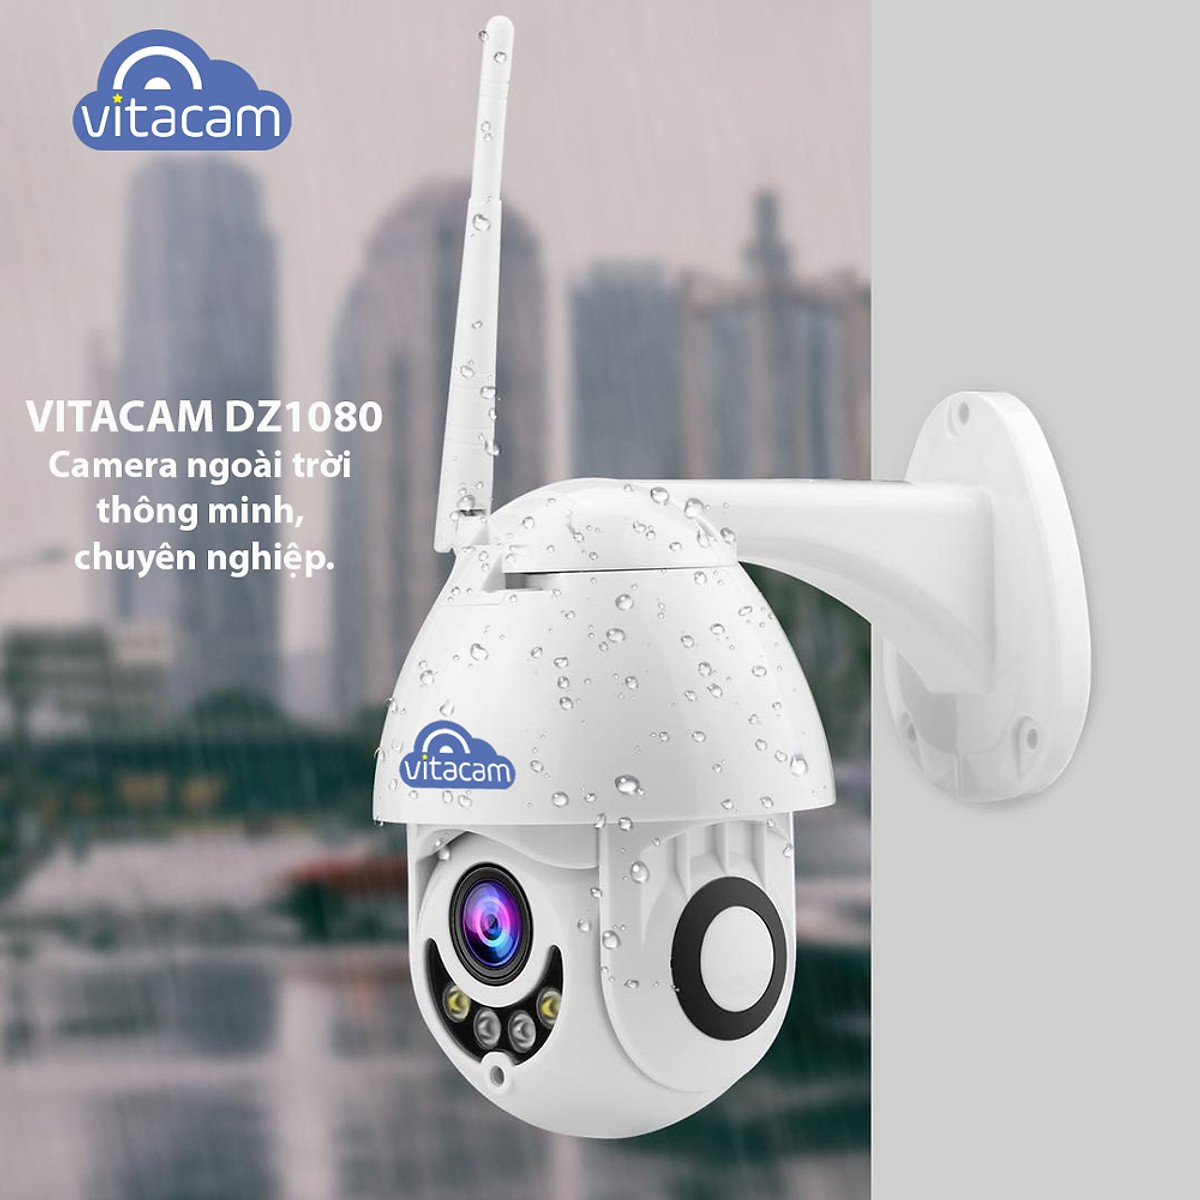 Camera Ngoài Trời Camera IP Wifi Vitacam DZ1080 - 2.0mpx Full HD 1080P  - Hàng Chính Hãng